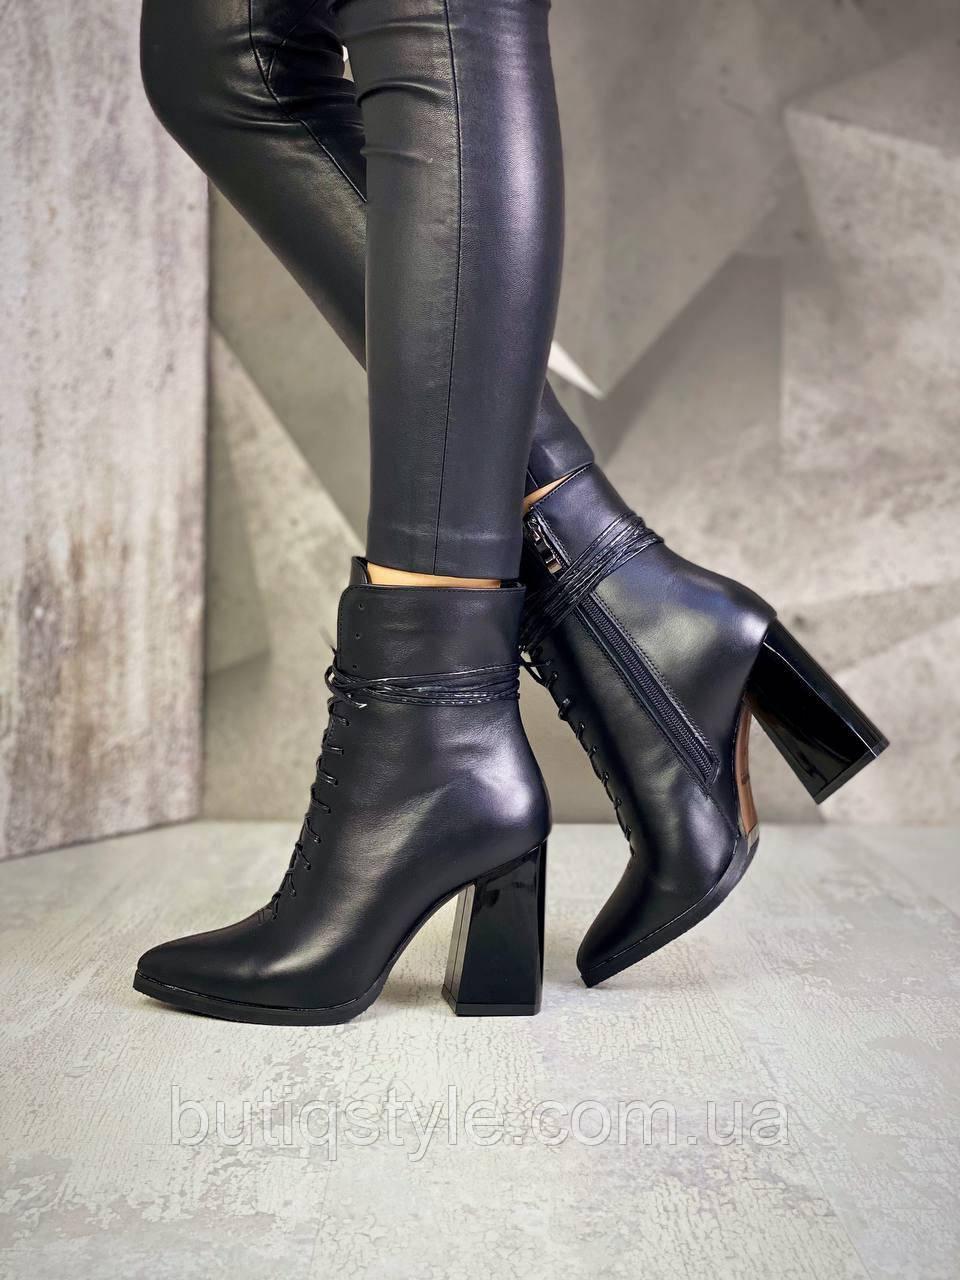 Жіночі чорні ботильйони натуральна шкіра на шнурівці Демі